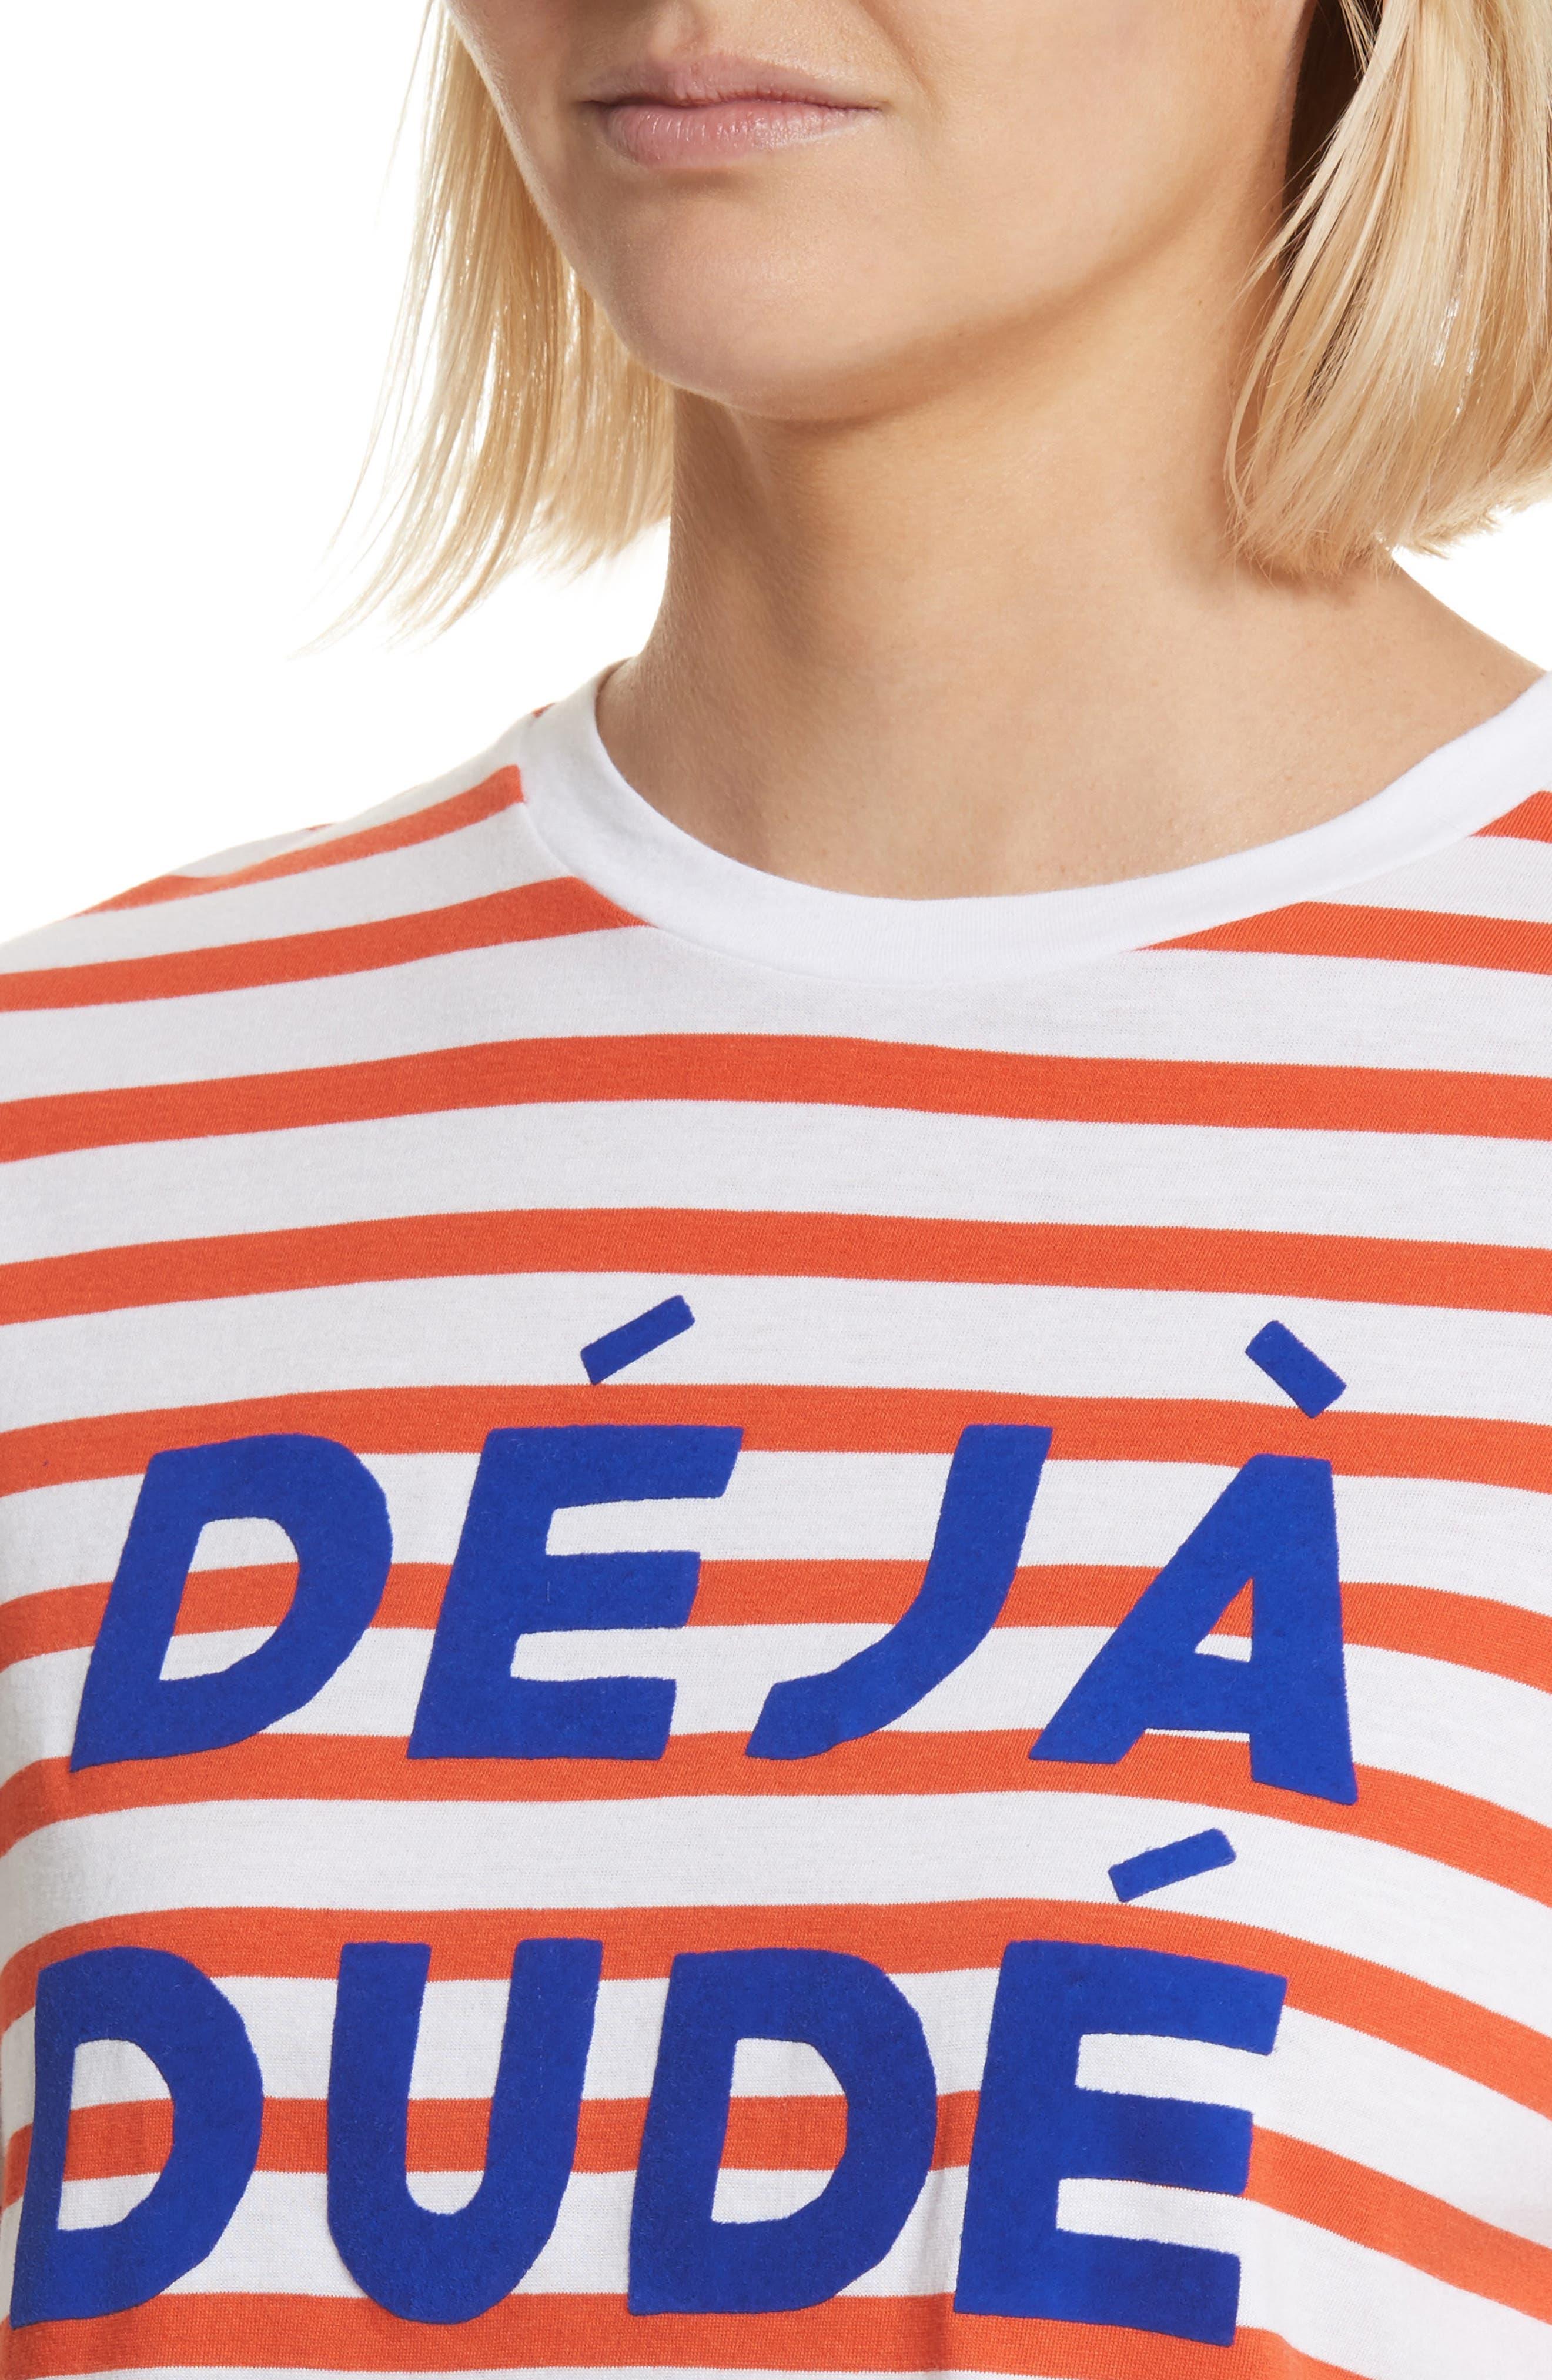 être cécile Déjà Dudé Tee,                             Alternate thumbnail 4, color,                             Tomato Breton Stripe